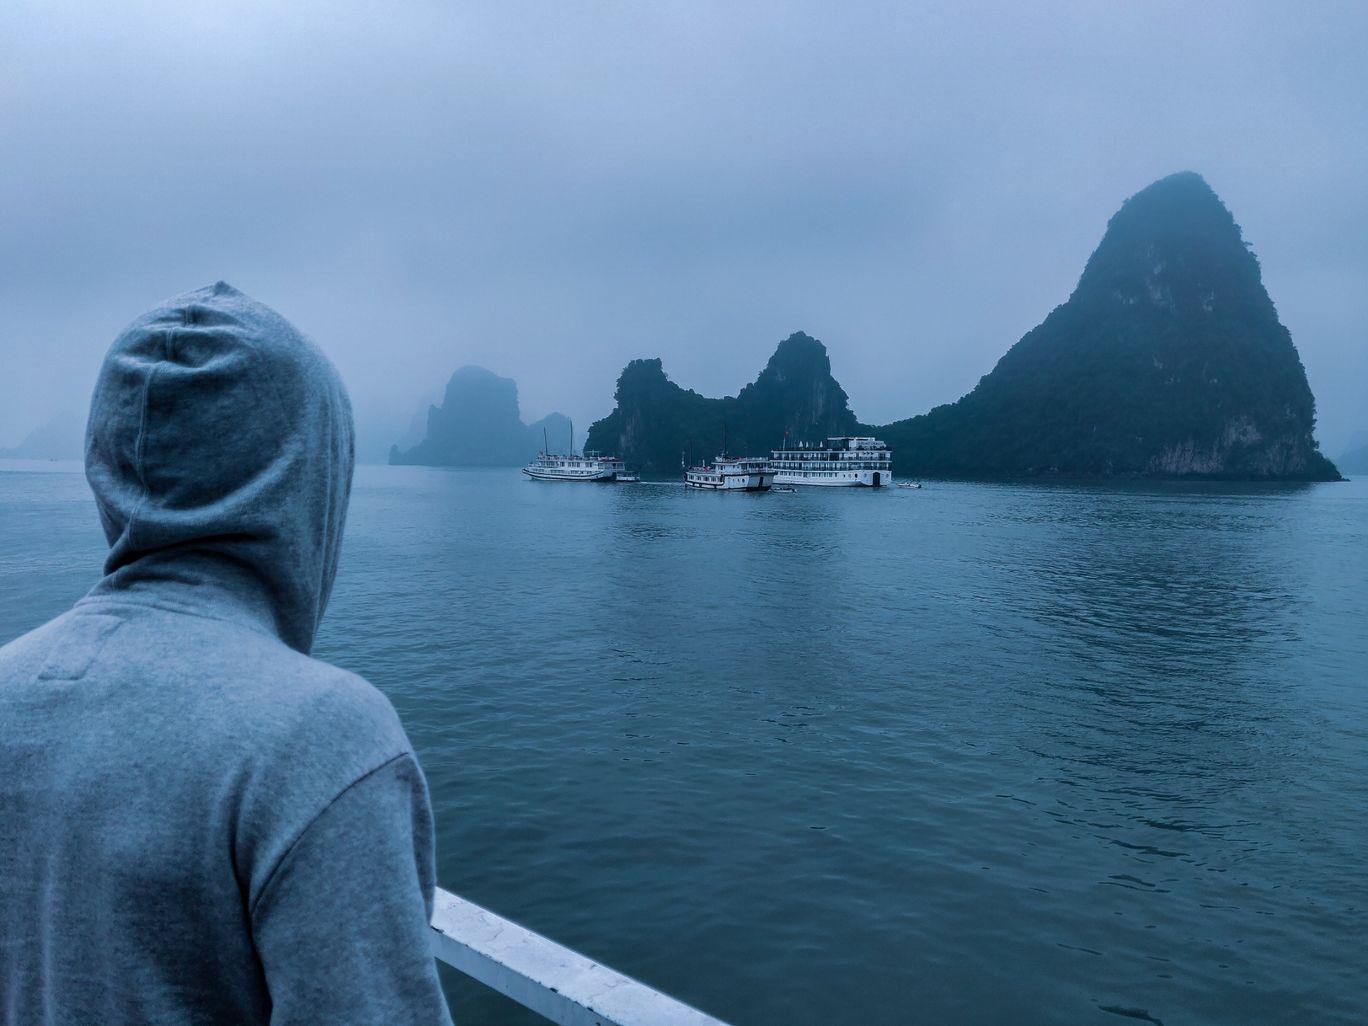 Photo of Hạ Long Bay By vishnu nair